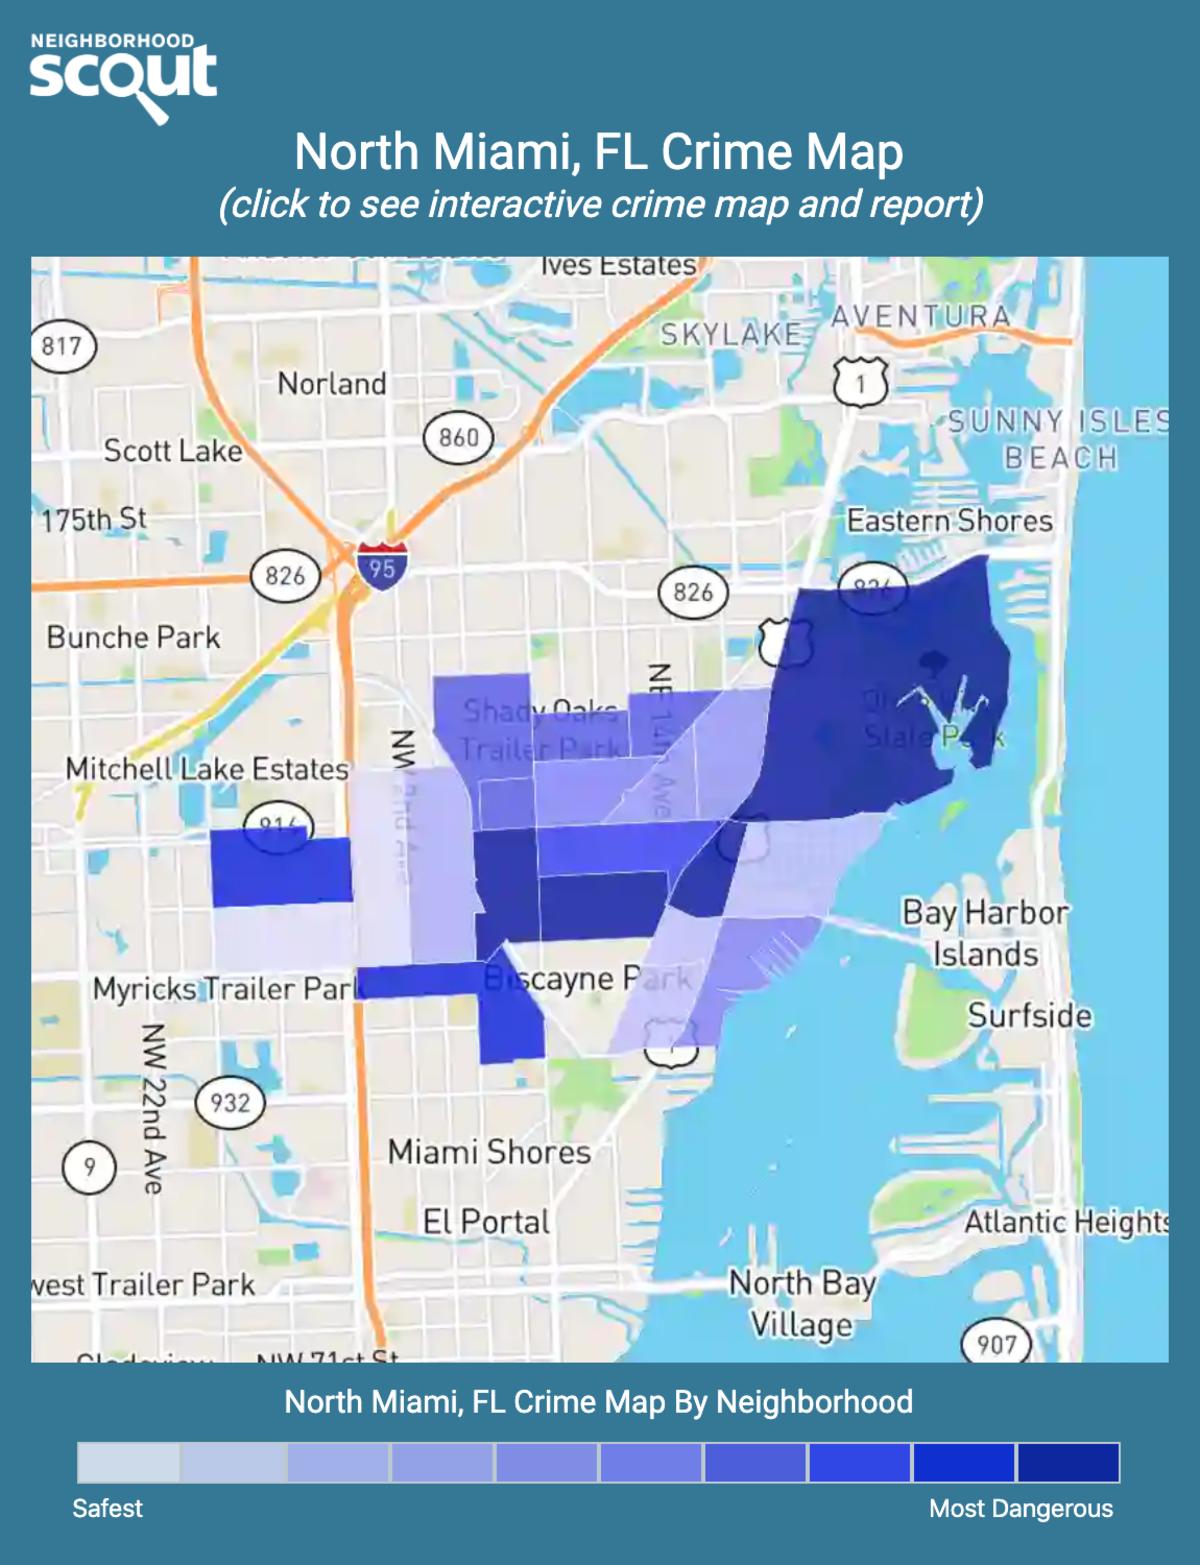 North Miami, Florida crime map